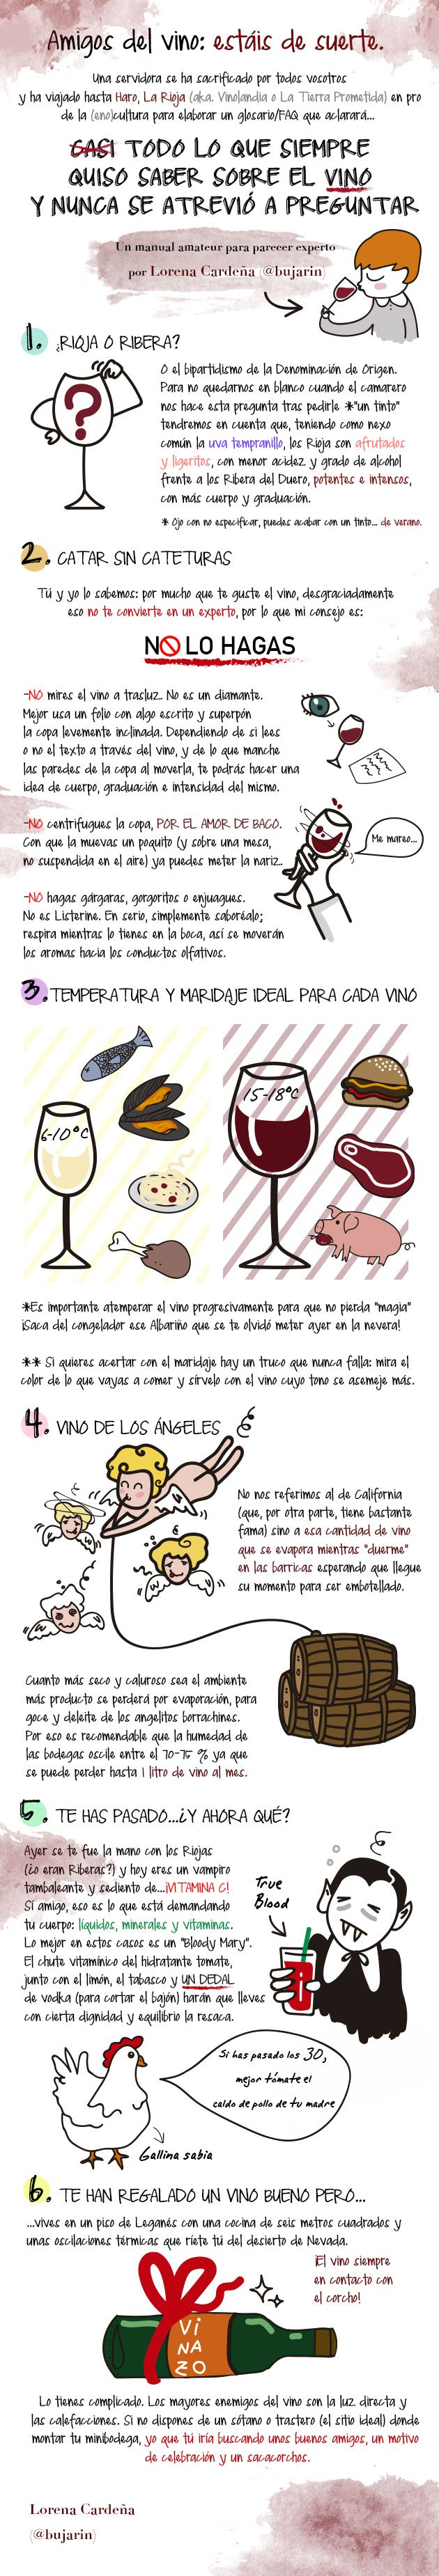 Glosario ilustrado para parecer un experto en vinos